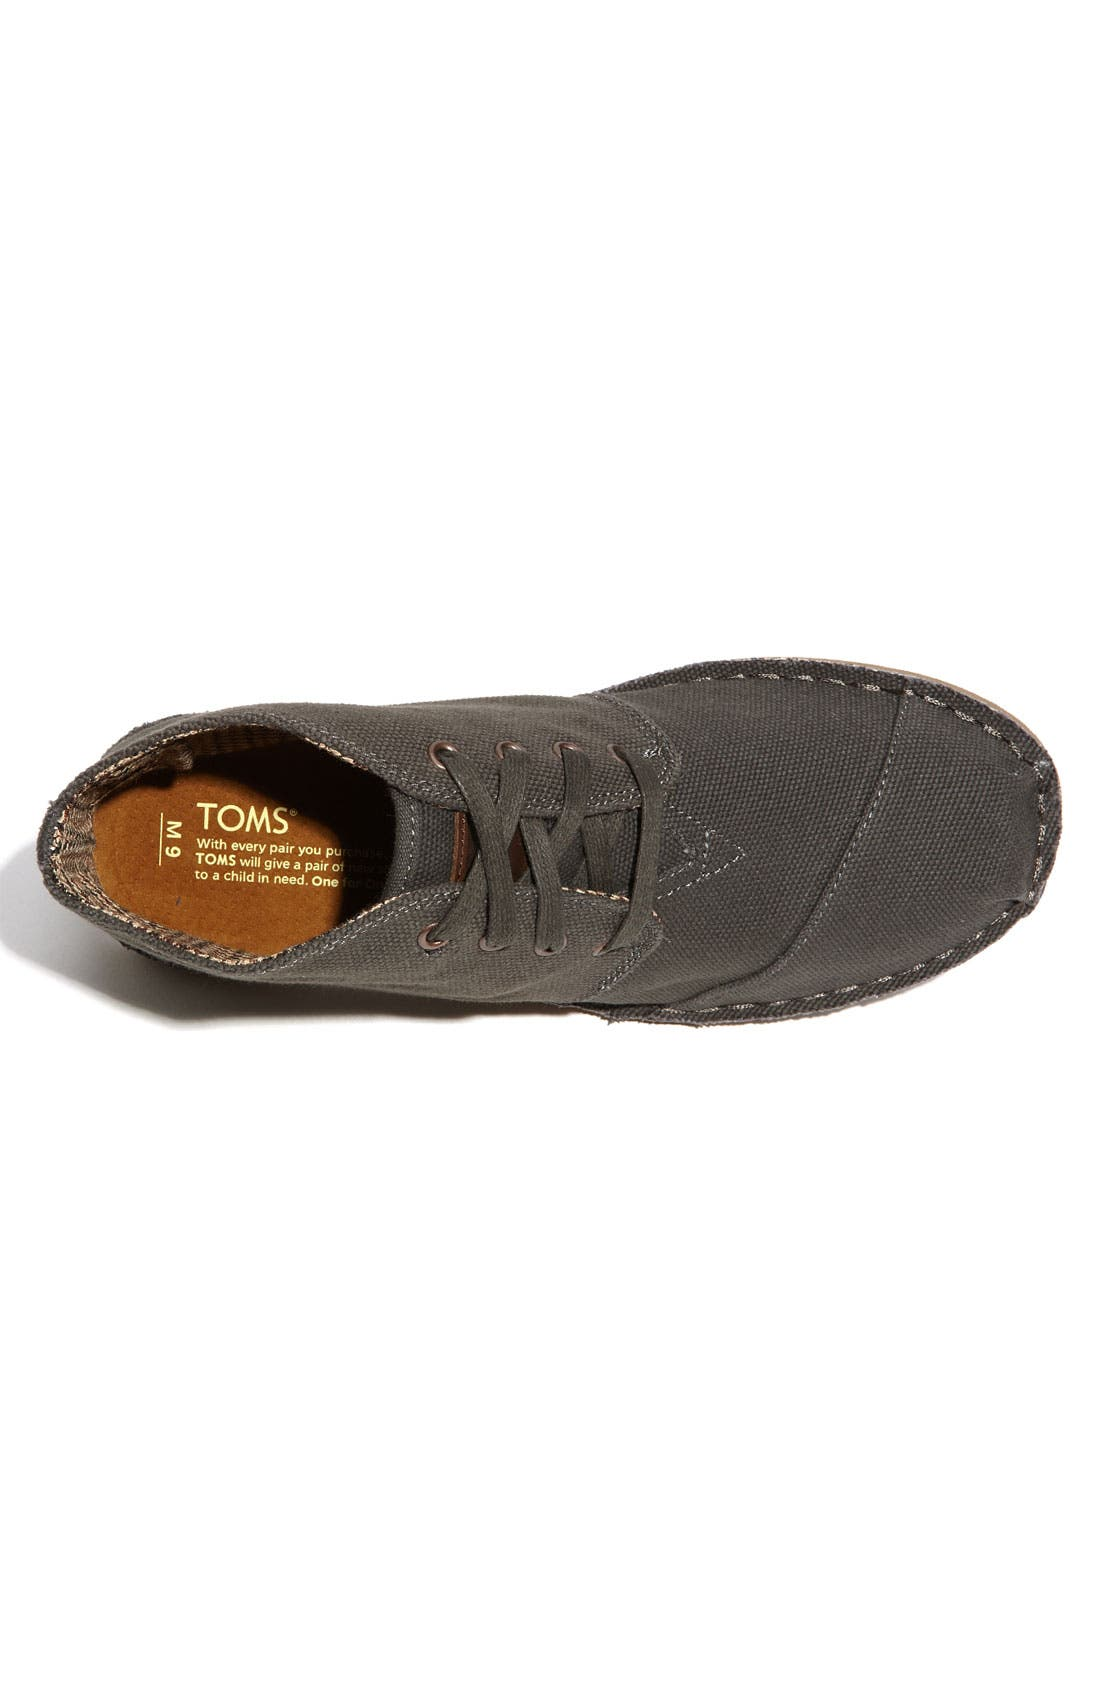 Alternate Image 3  - TOMS 'Botas - Desert' Chukka Boot (Men)